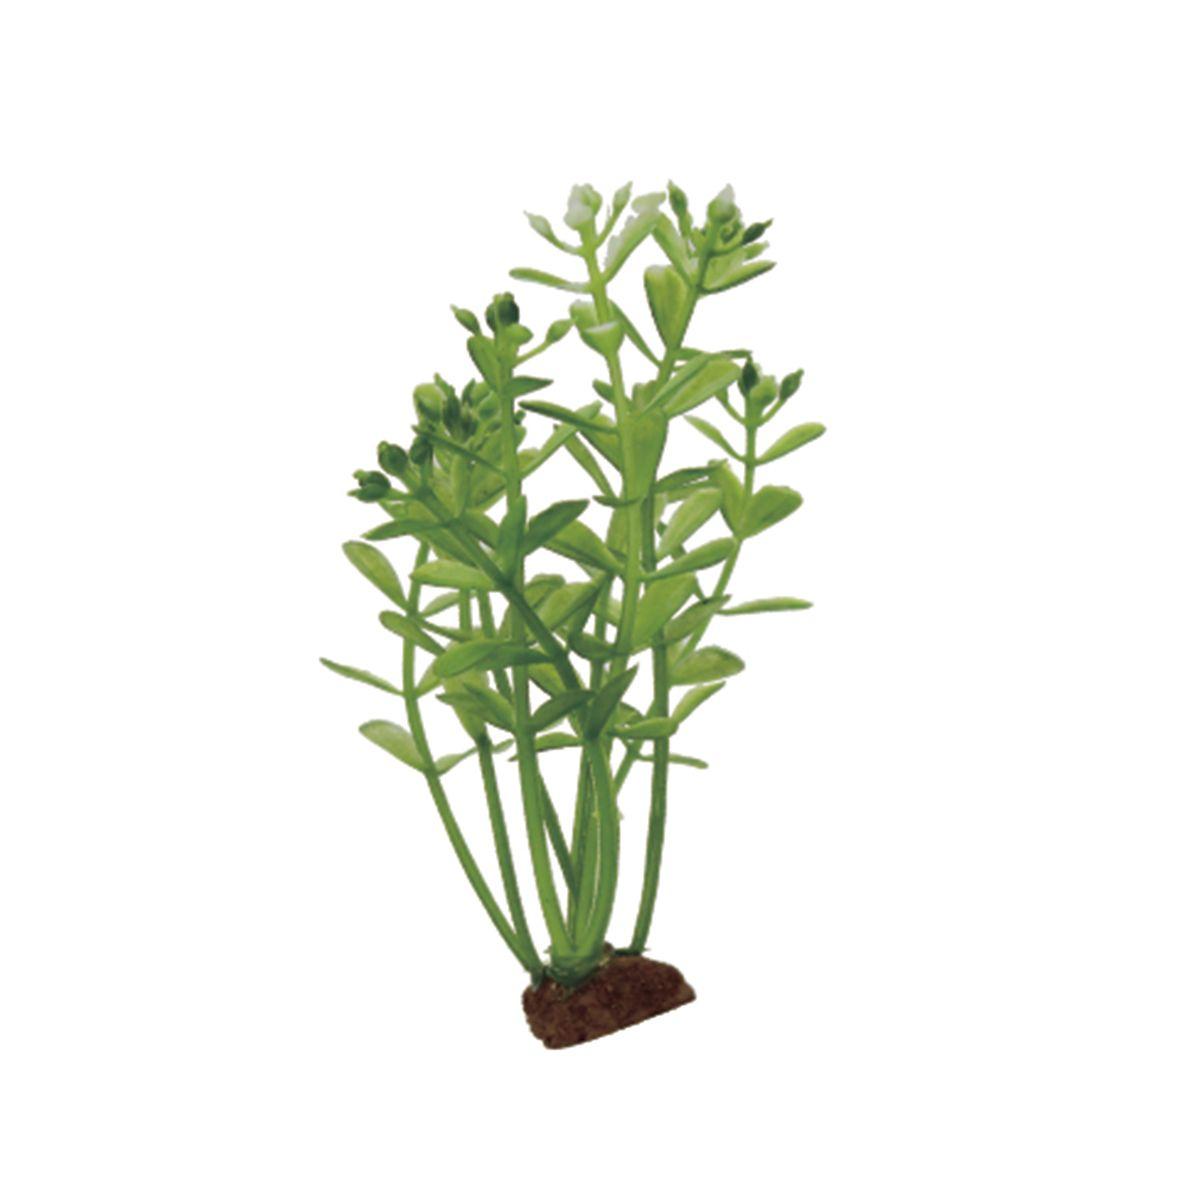 Растение для аквариума ArtUniq Ротала, высота 10 см, 6 шт0120710Композиция из искусственных растений ArtUniq превосходно украсит и оживит аквариум.Растения - это важная часть любой композиции, они помогут вдохнуть жизнь в ландшафт любого аквариума или террариума. А их сходствос природными порадует даже самых взыскательных ценителей.